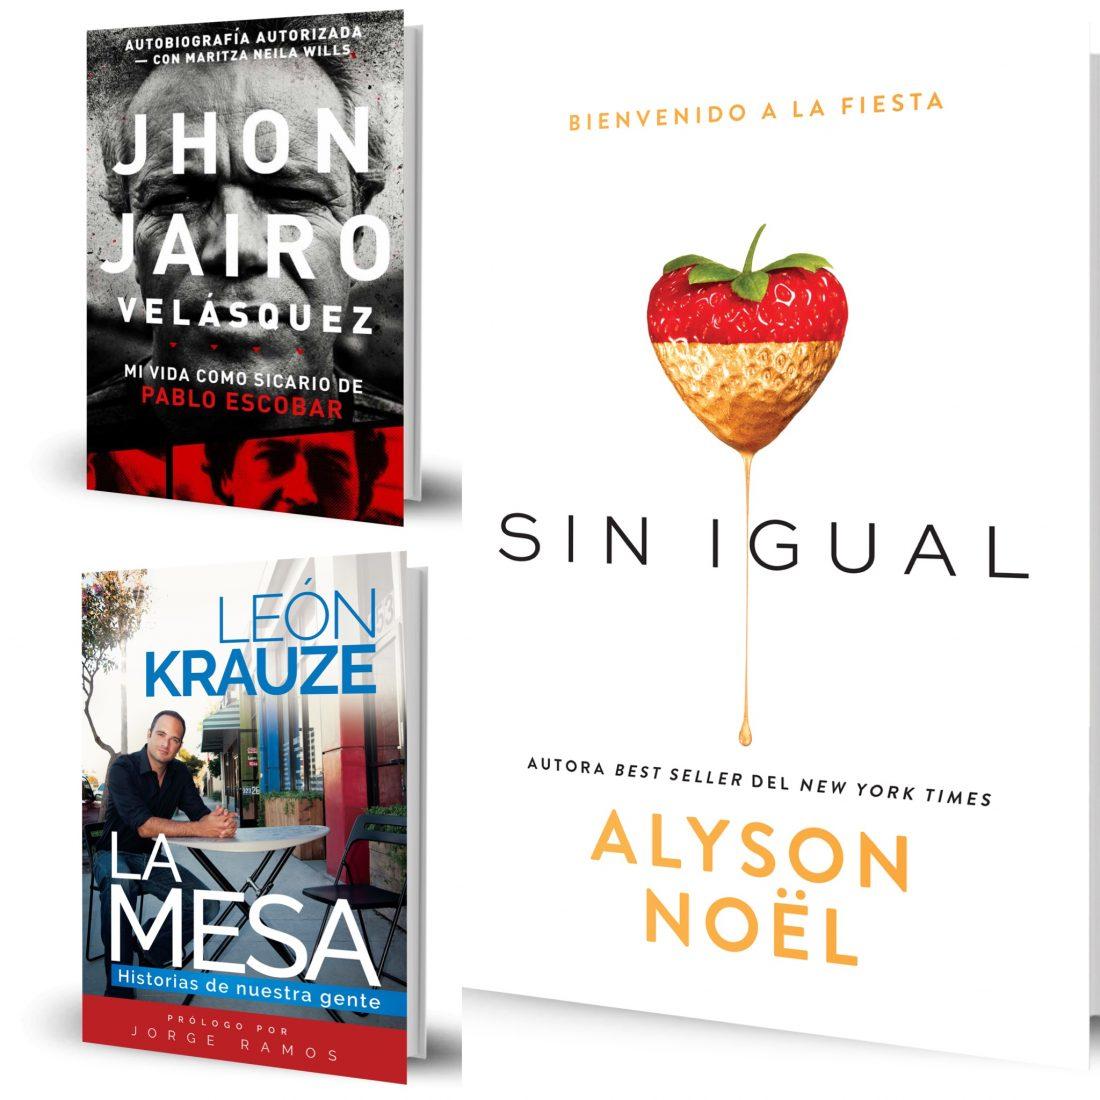 Los Libros del mes - Junio 2016